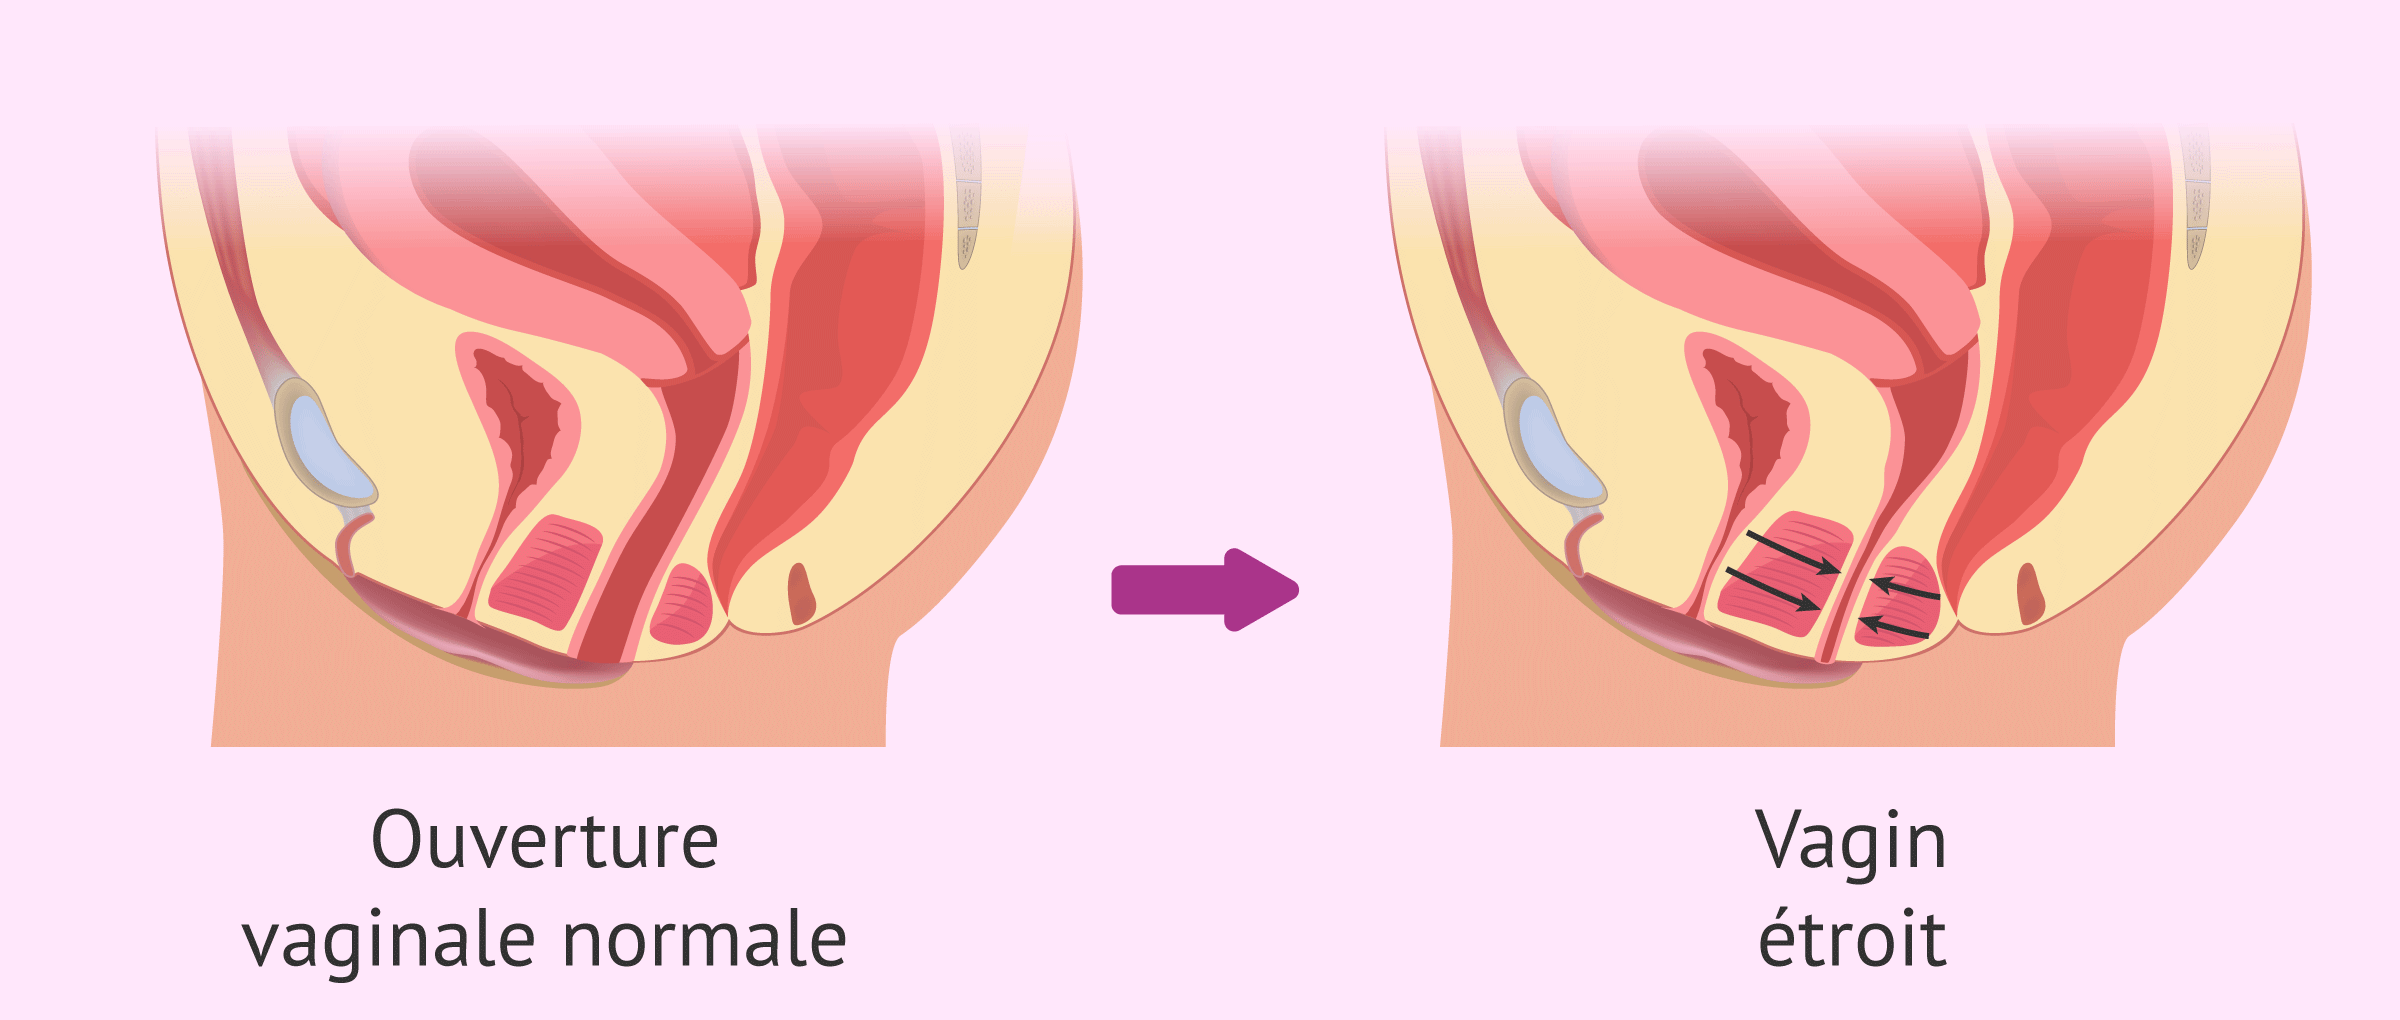 Imagen: Comparaison entre un vagin normal et un vagin étroit